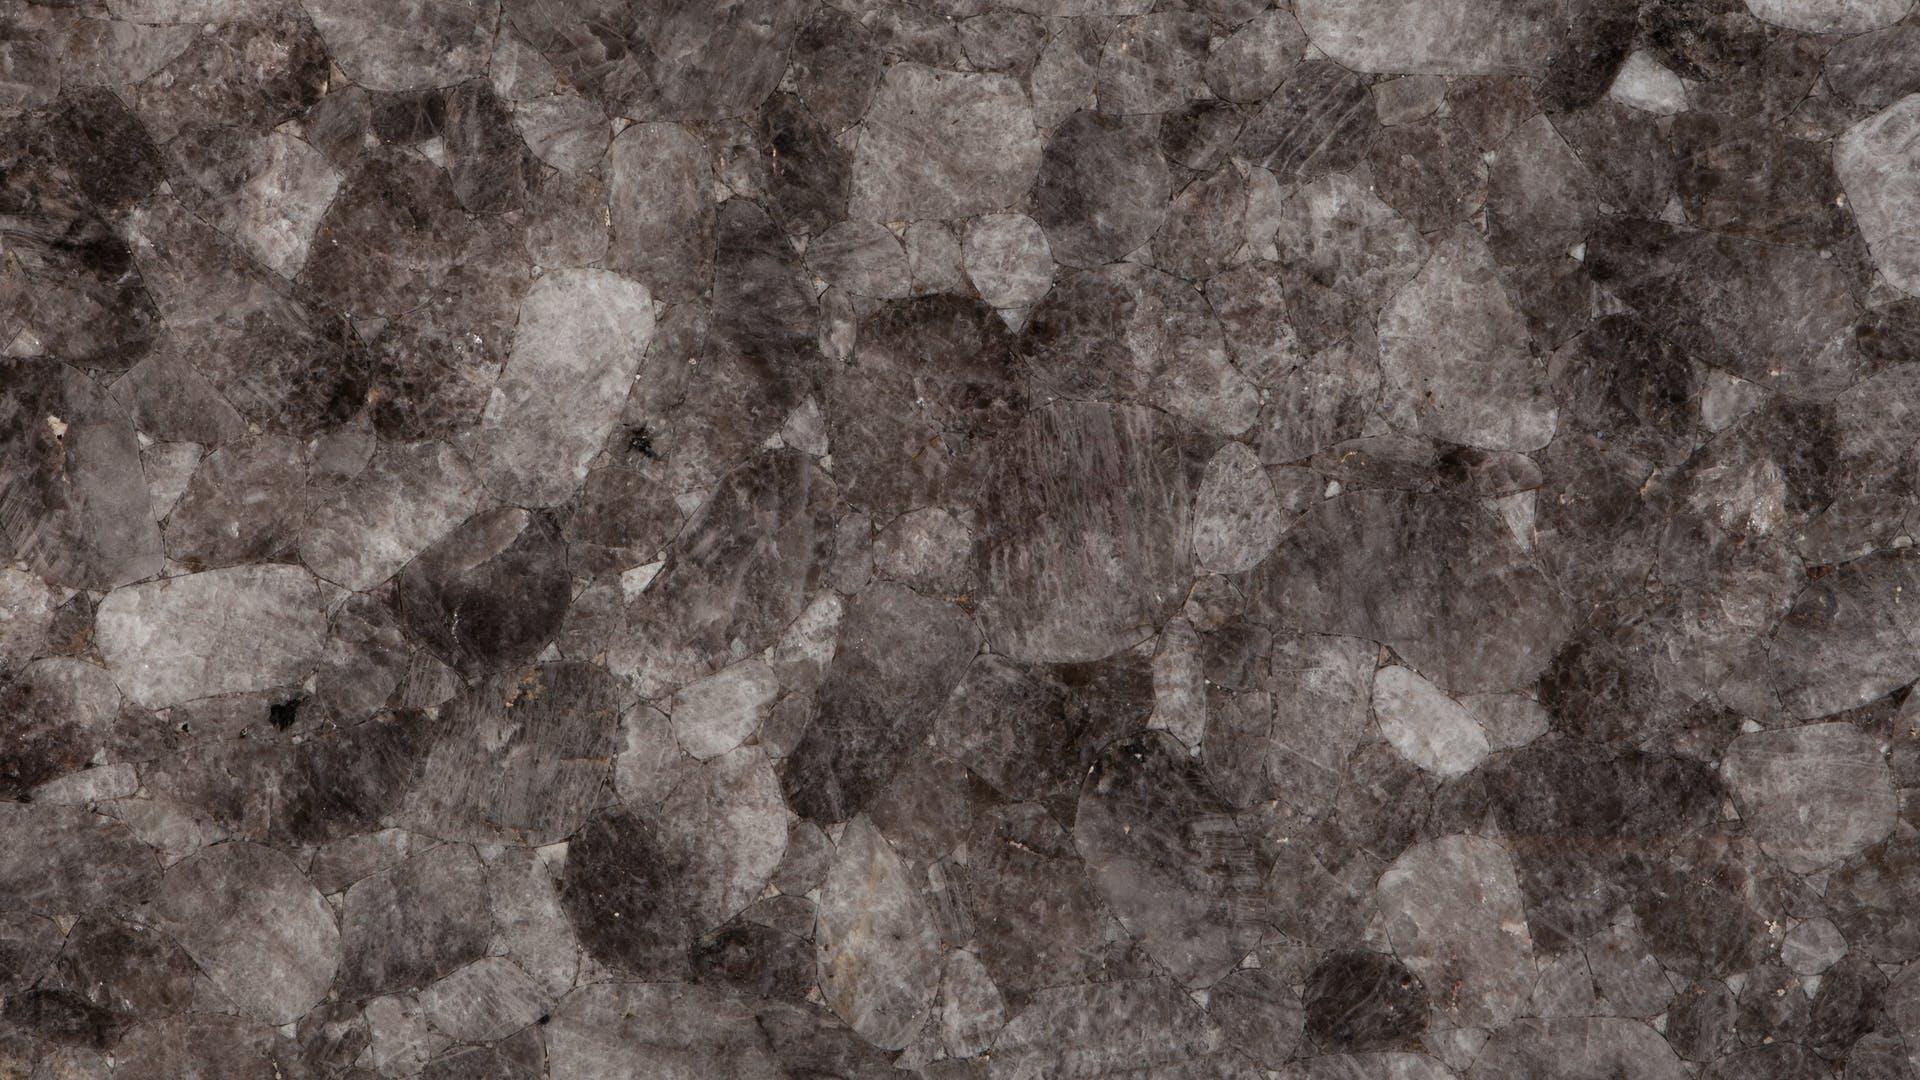 Placa de Piedras Semipreciosas Smoky Quartz Pulido Prexury Collection